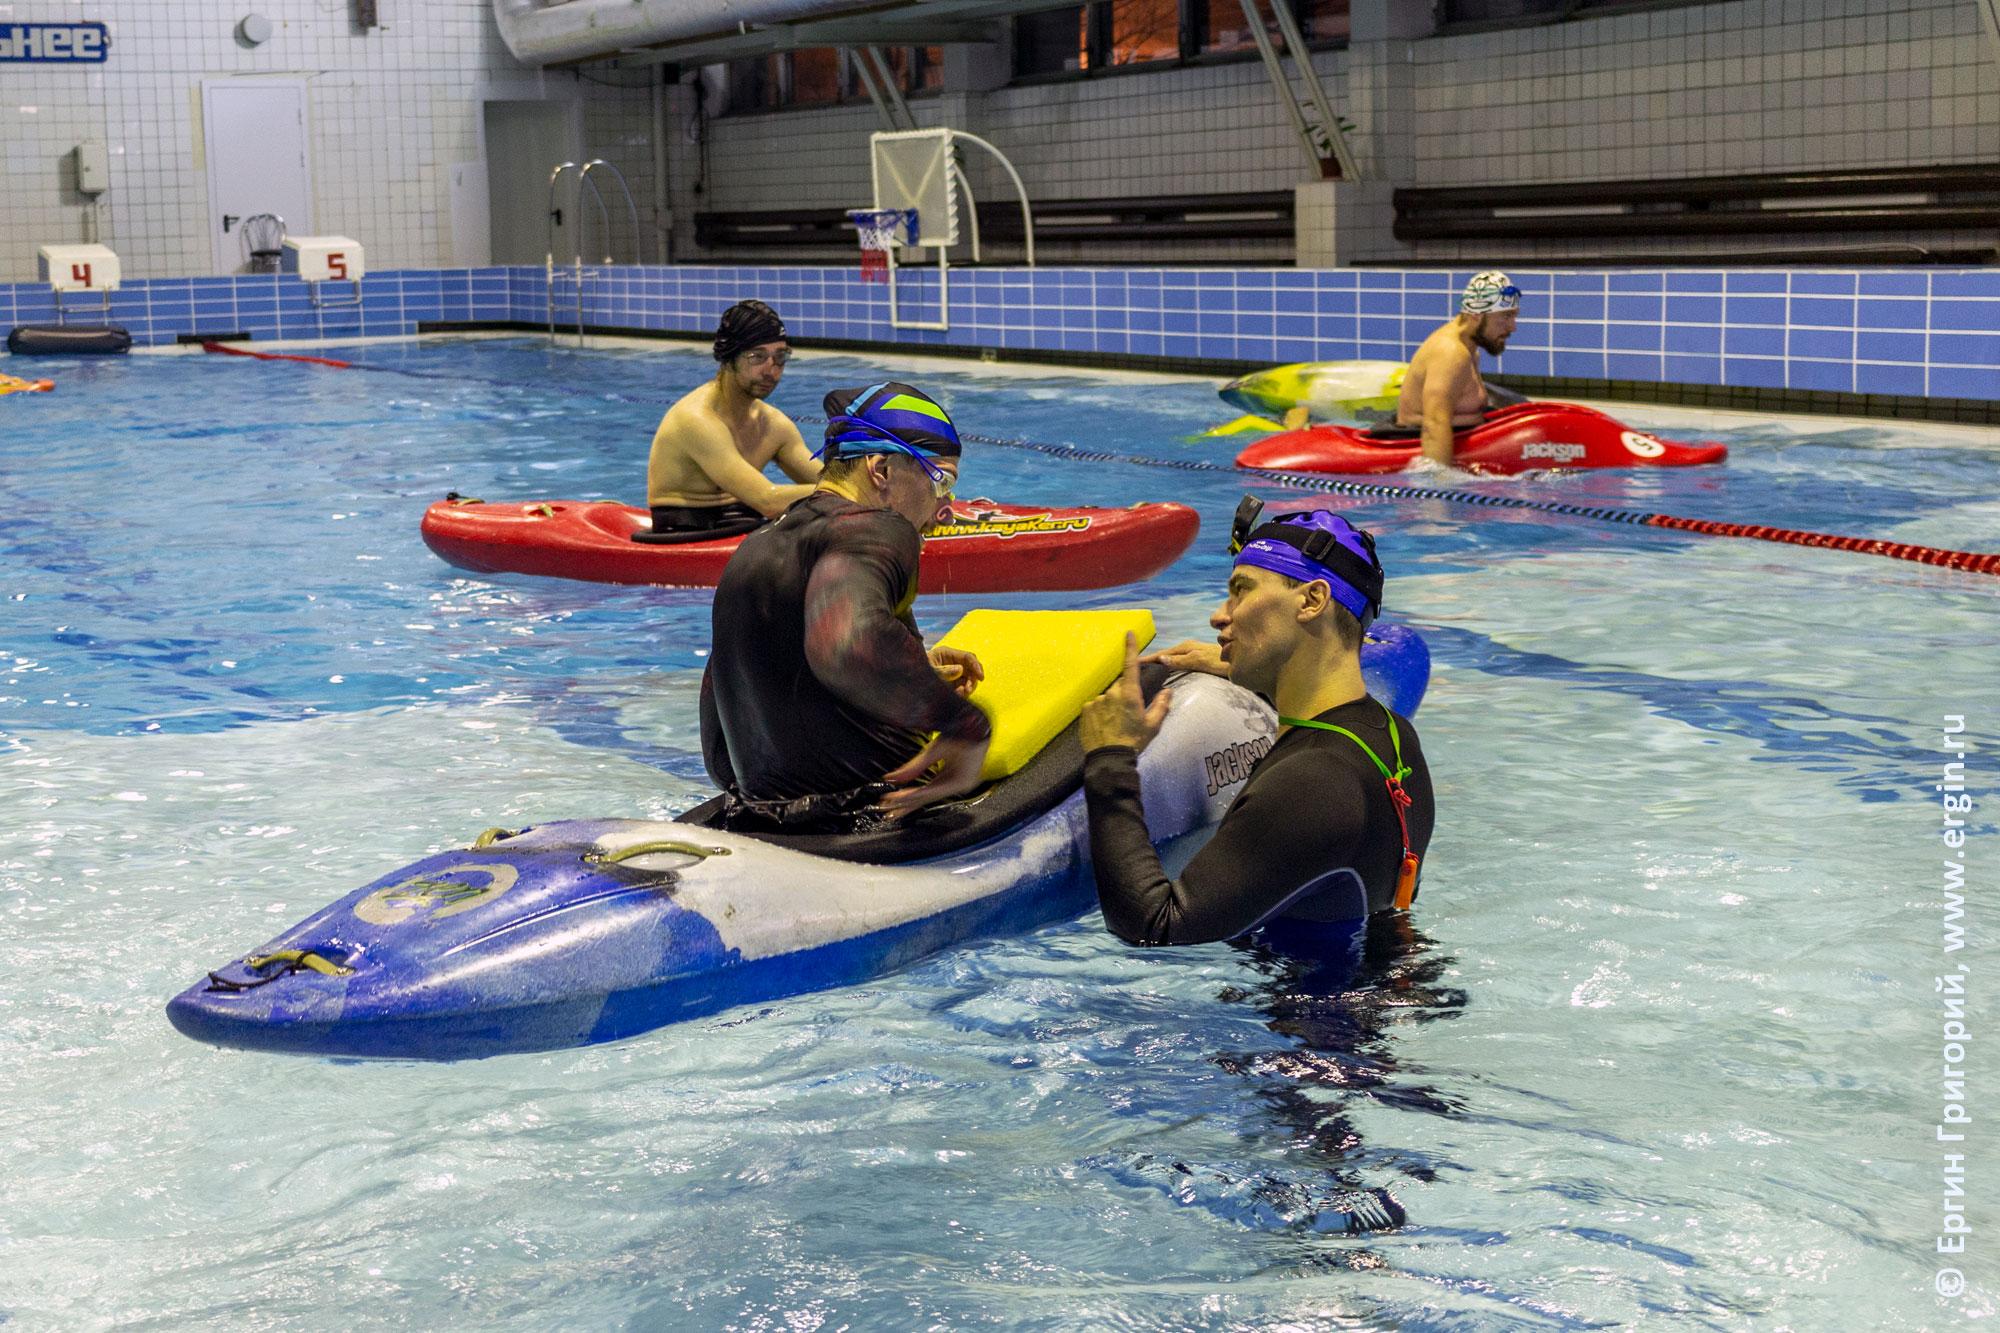 Групповые тренировки по обучению эскимосскому перевороту на каяке в бассейне